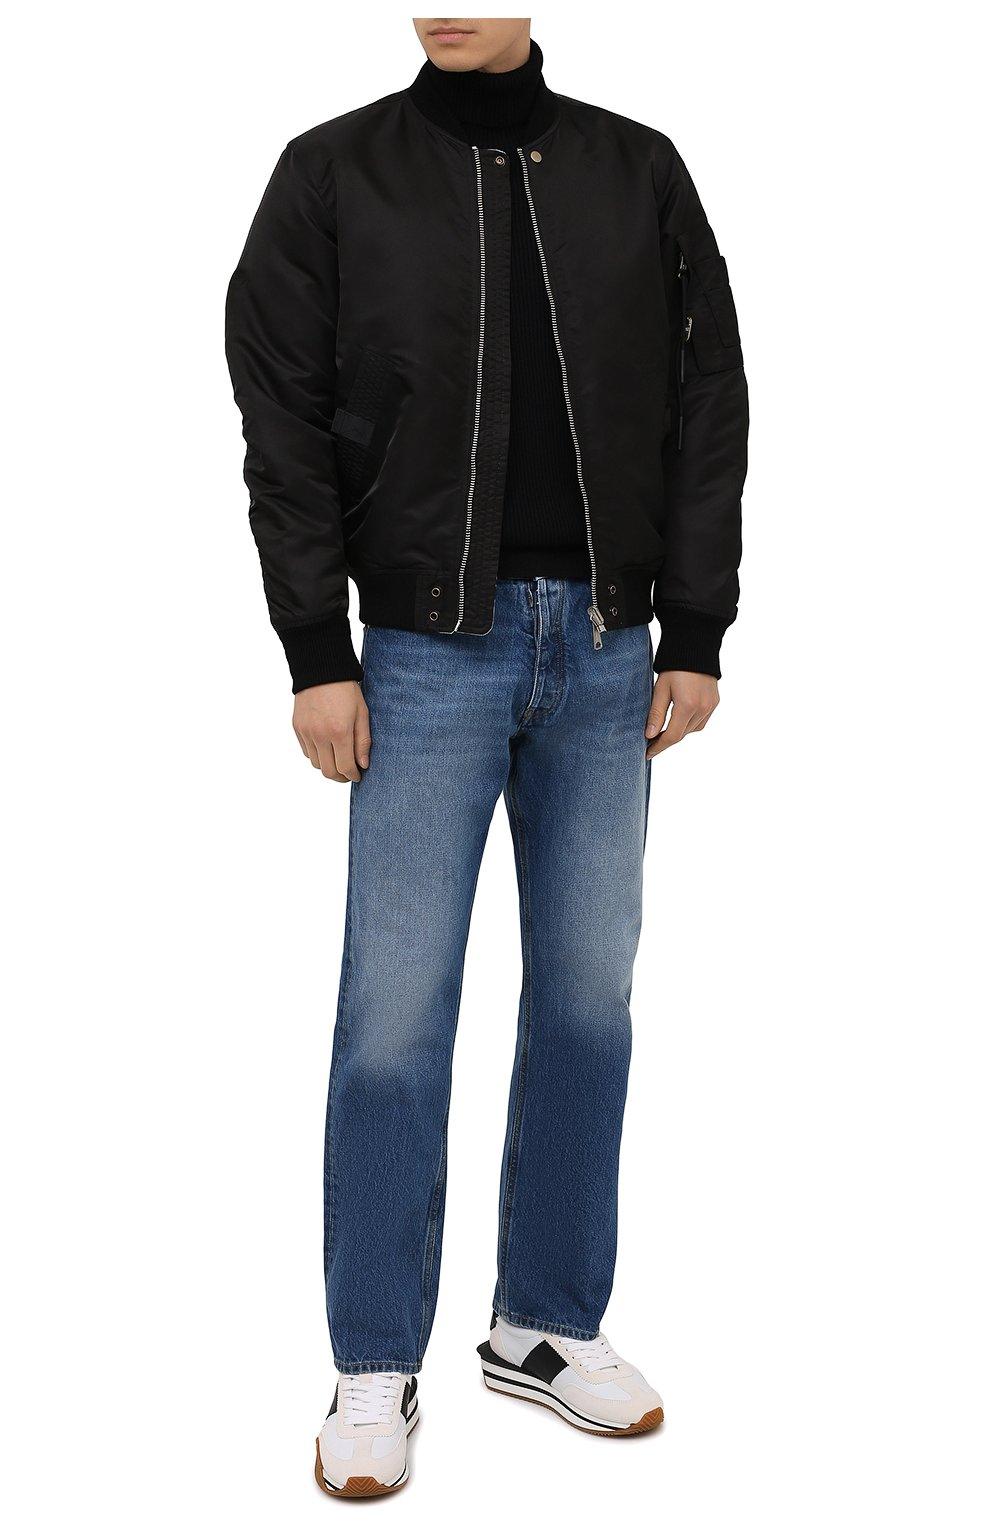 Мужской шерстяной свитер STONE ISLAND темно-синего цвета, арт. 7515525C2 | Фото 2 (Материал внешний: Шерсть; Рукава: Длинные; Принт: Без принта; Длина (для топов): Стандартные; Мужское Кросс-КТ: Свитер-одежда; Стили: Кэжуэл)